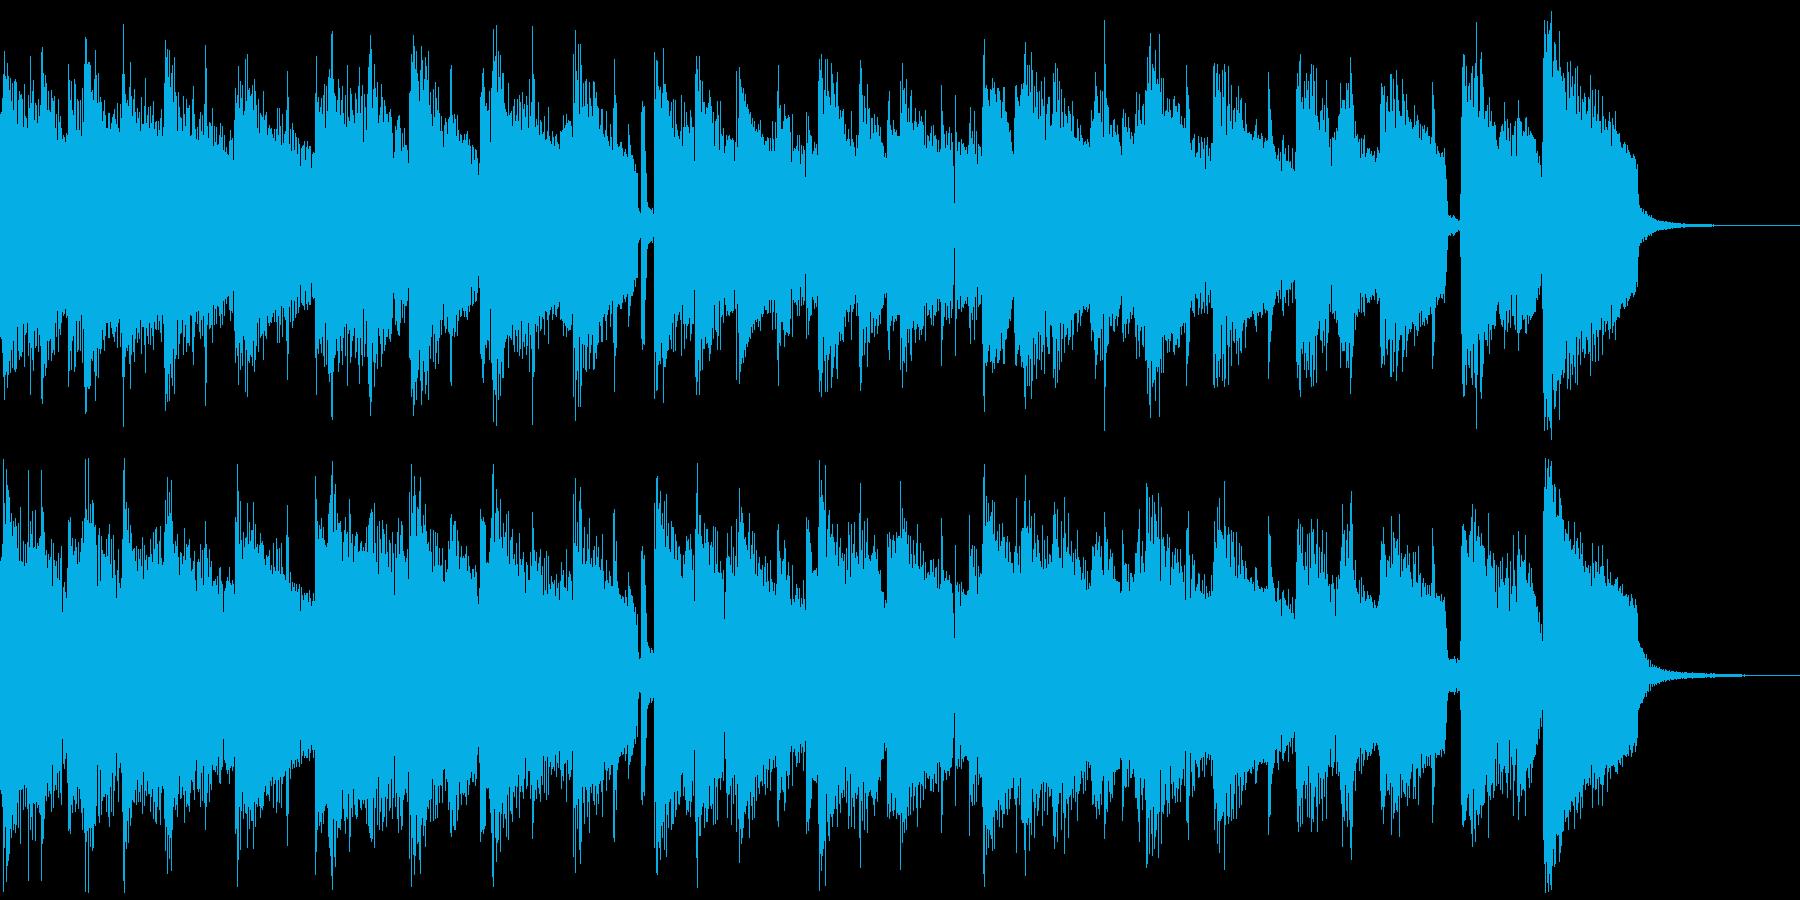 ジングル ピアノとギターのスイングジャズの再生済みの波形